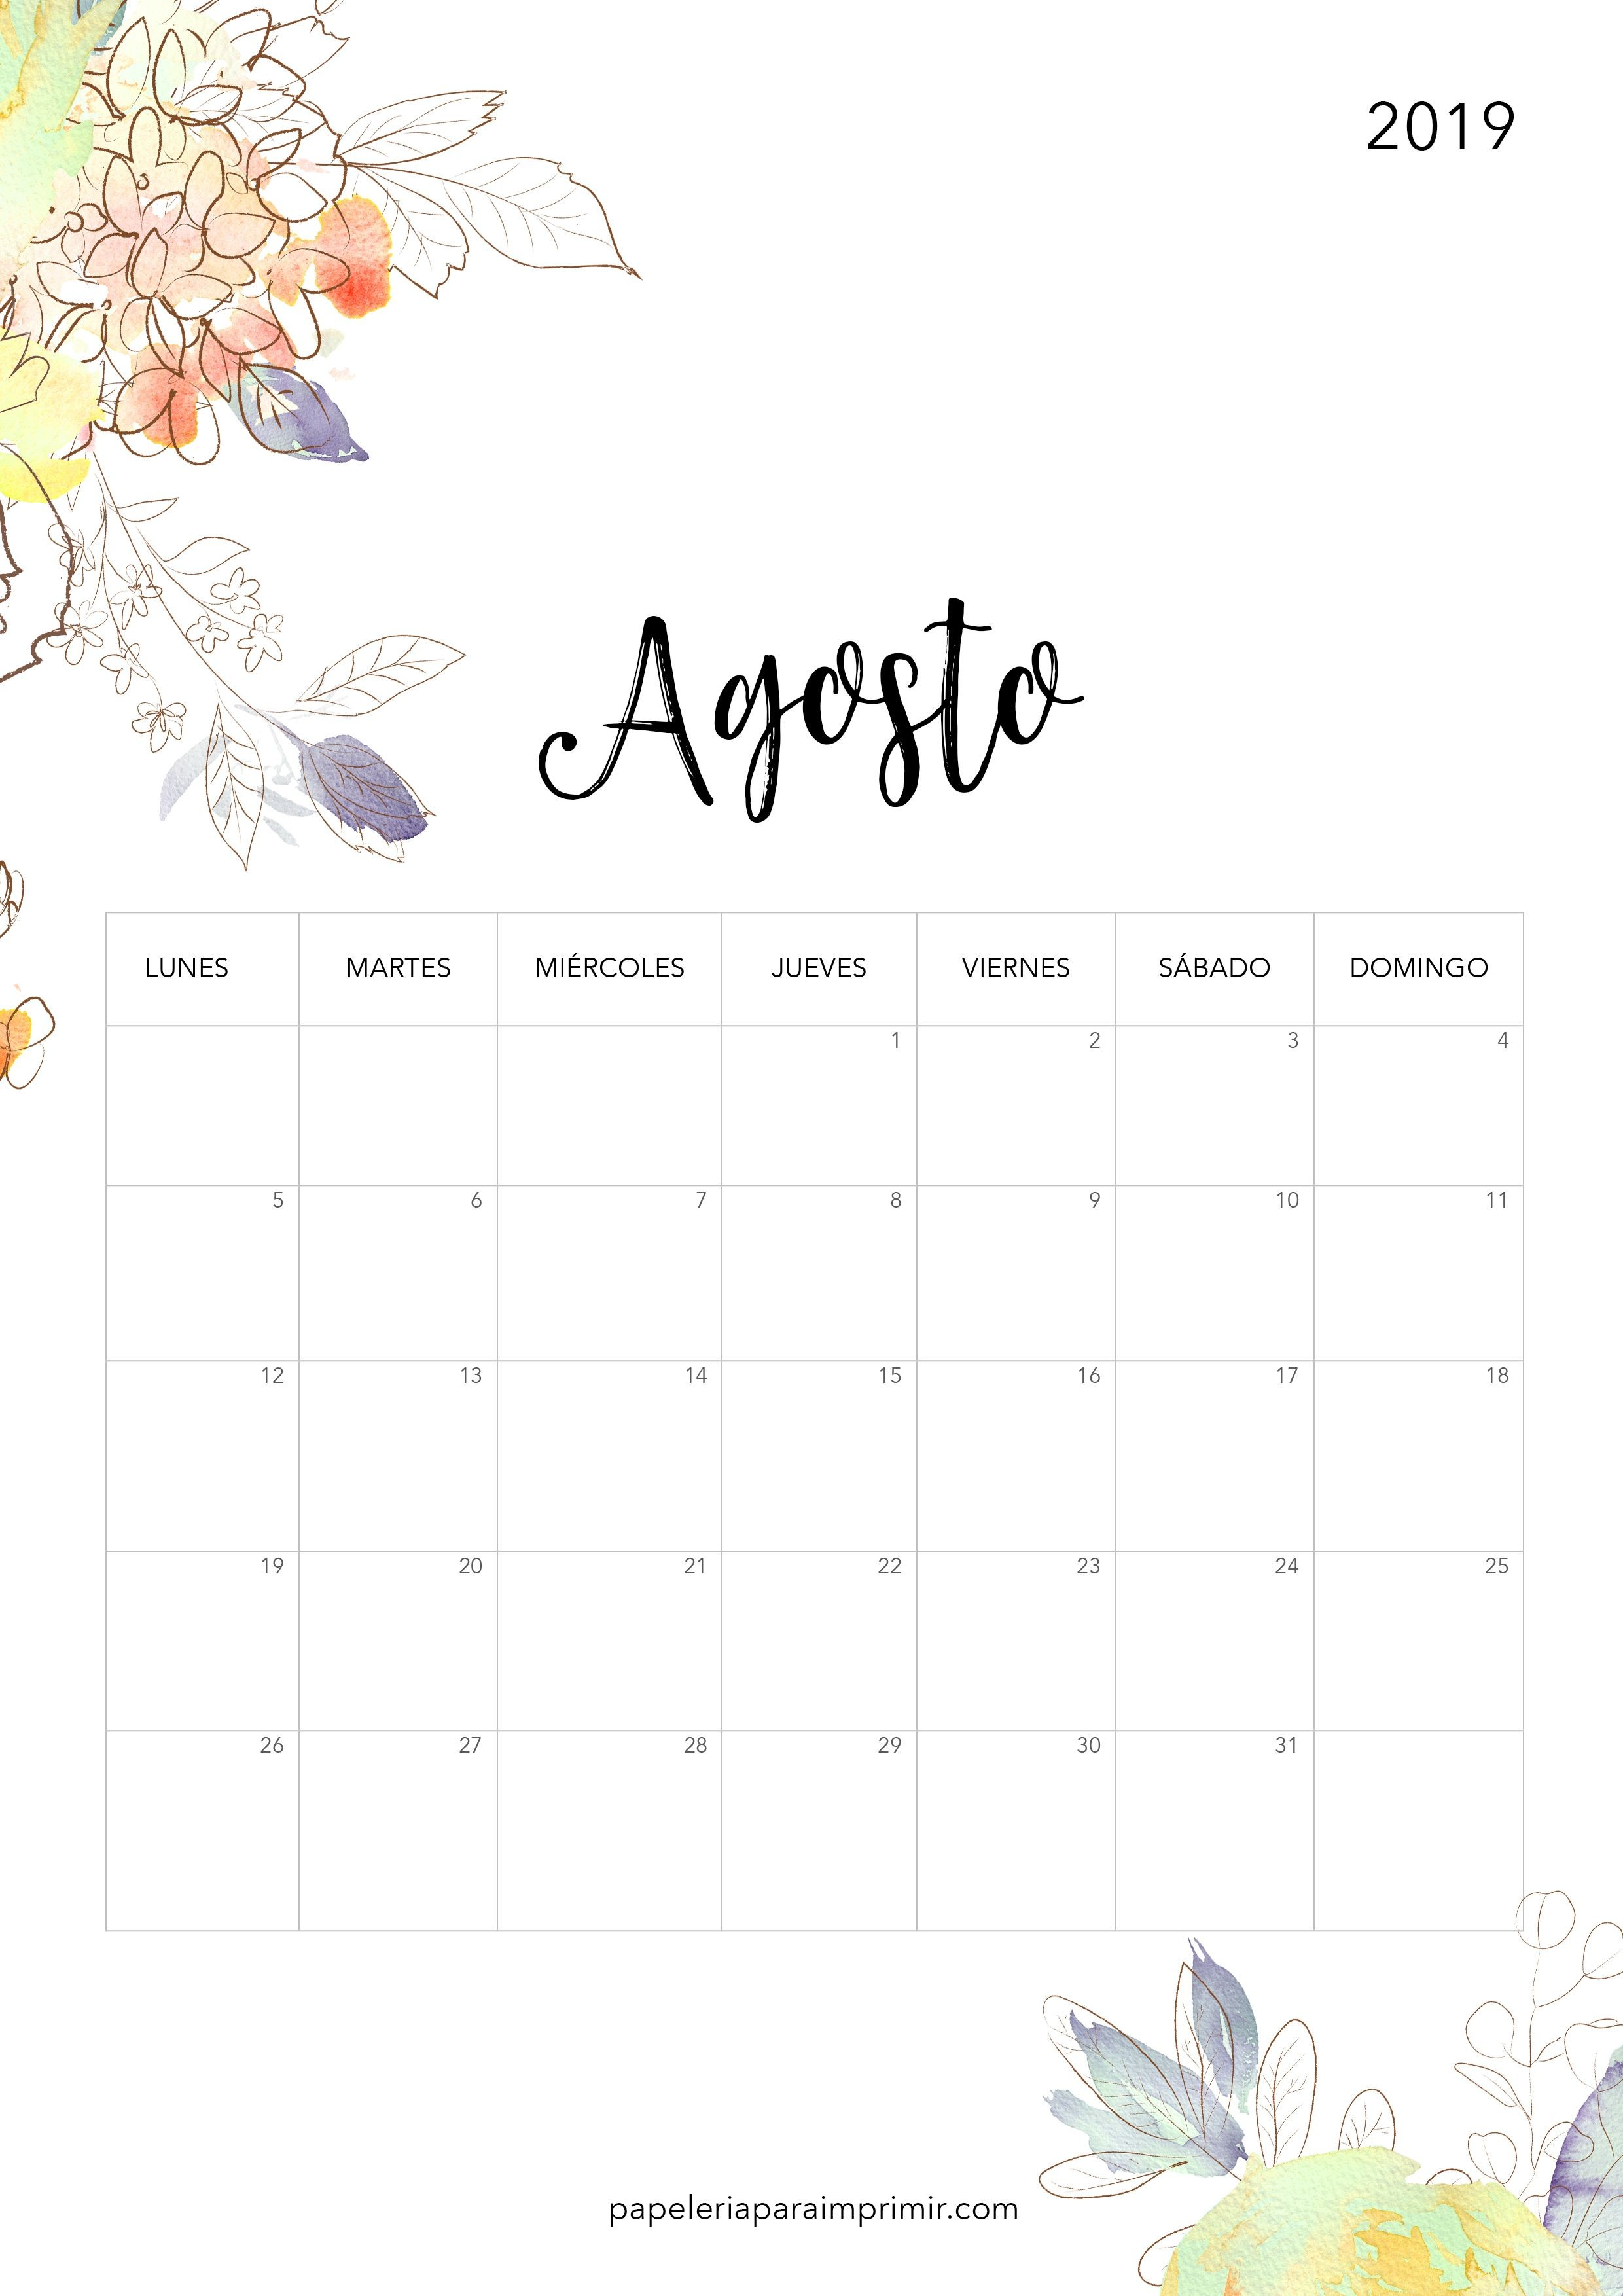 Calendario para imprimir 2019 Agosto calendario imprimir 2019 agosto august